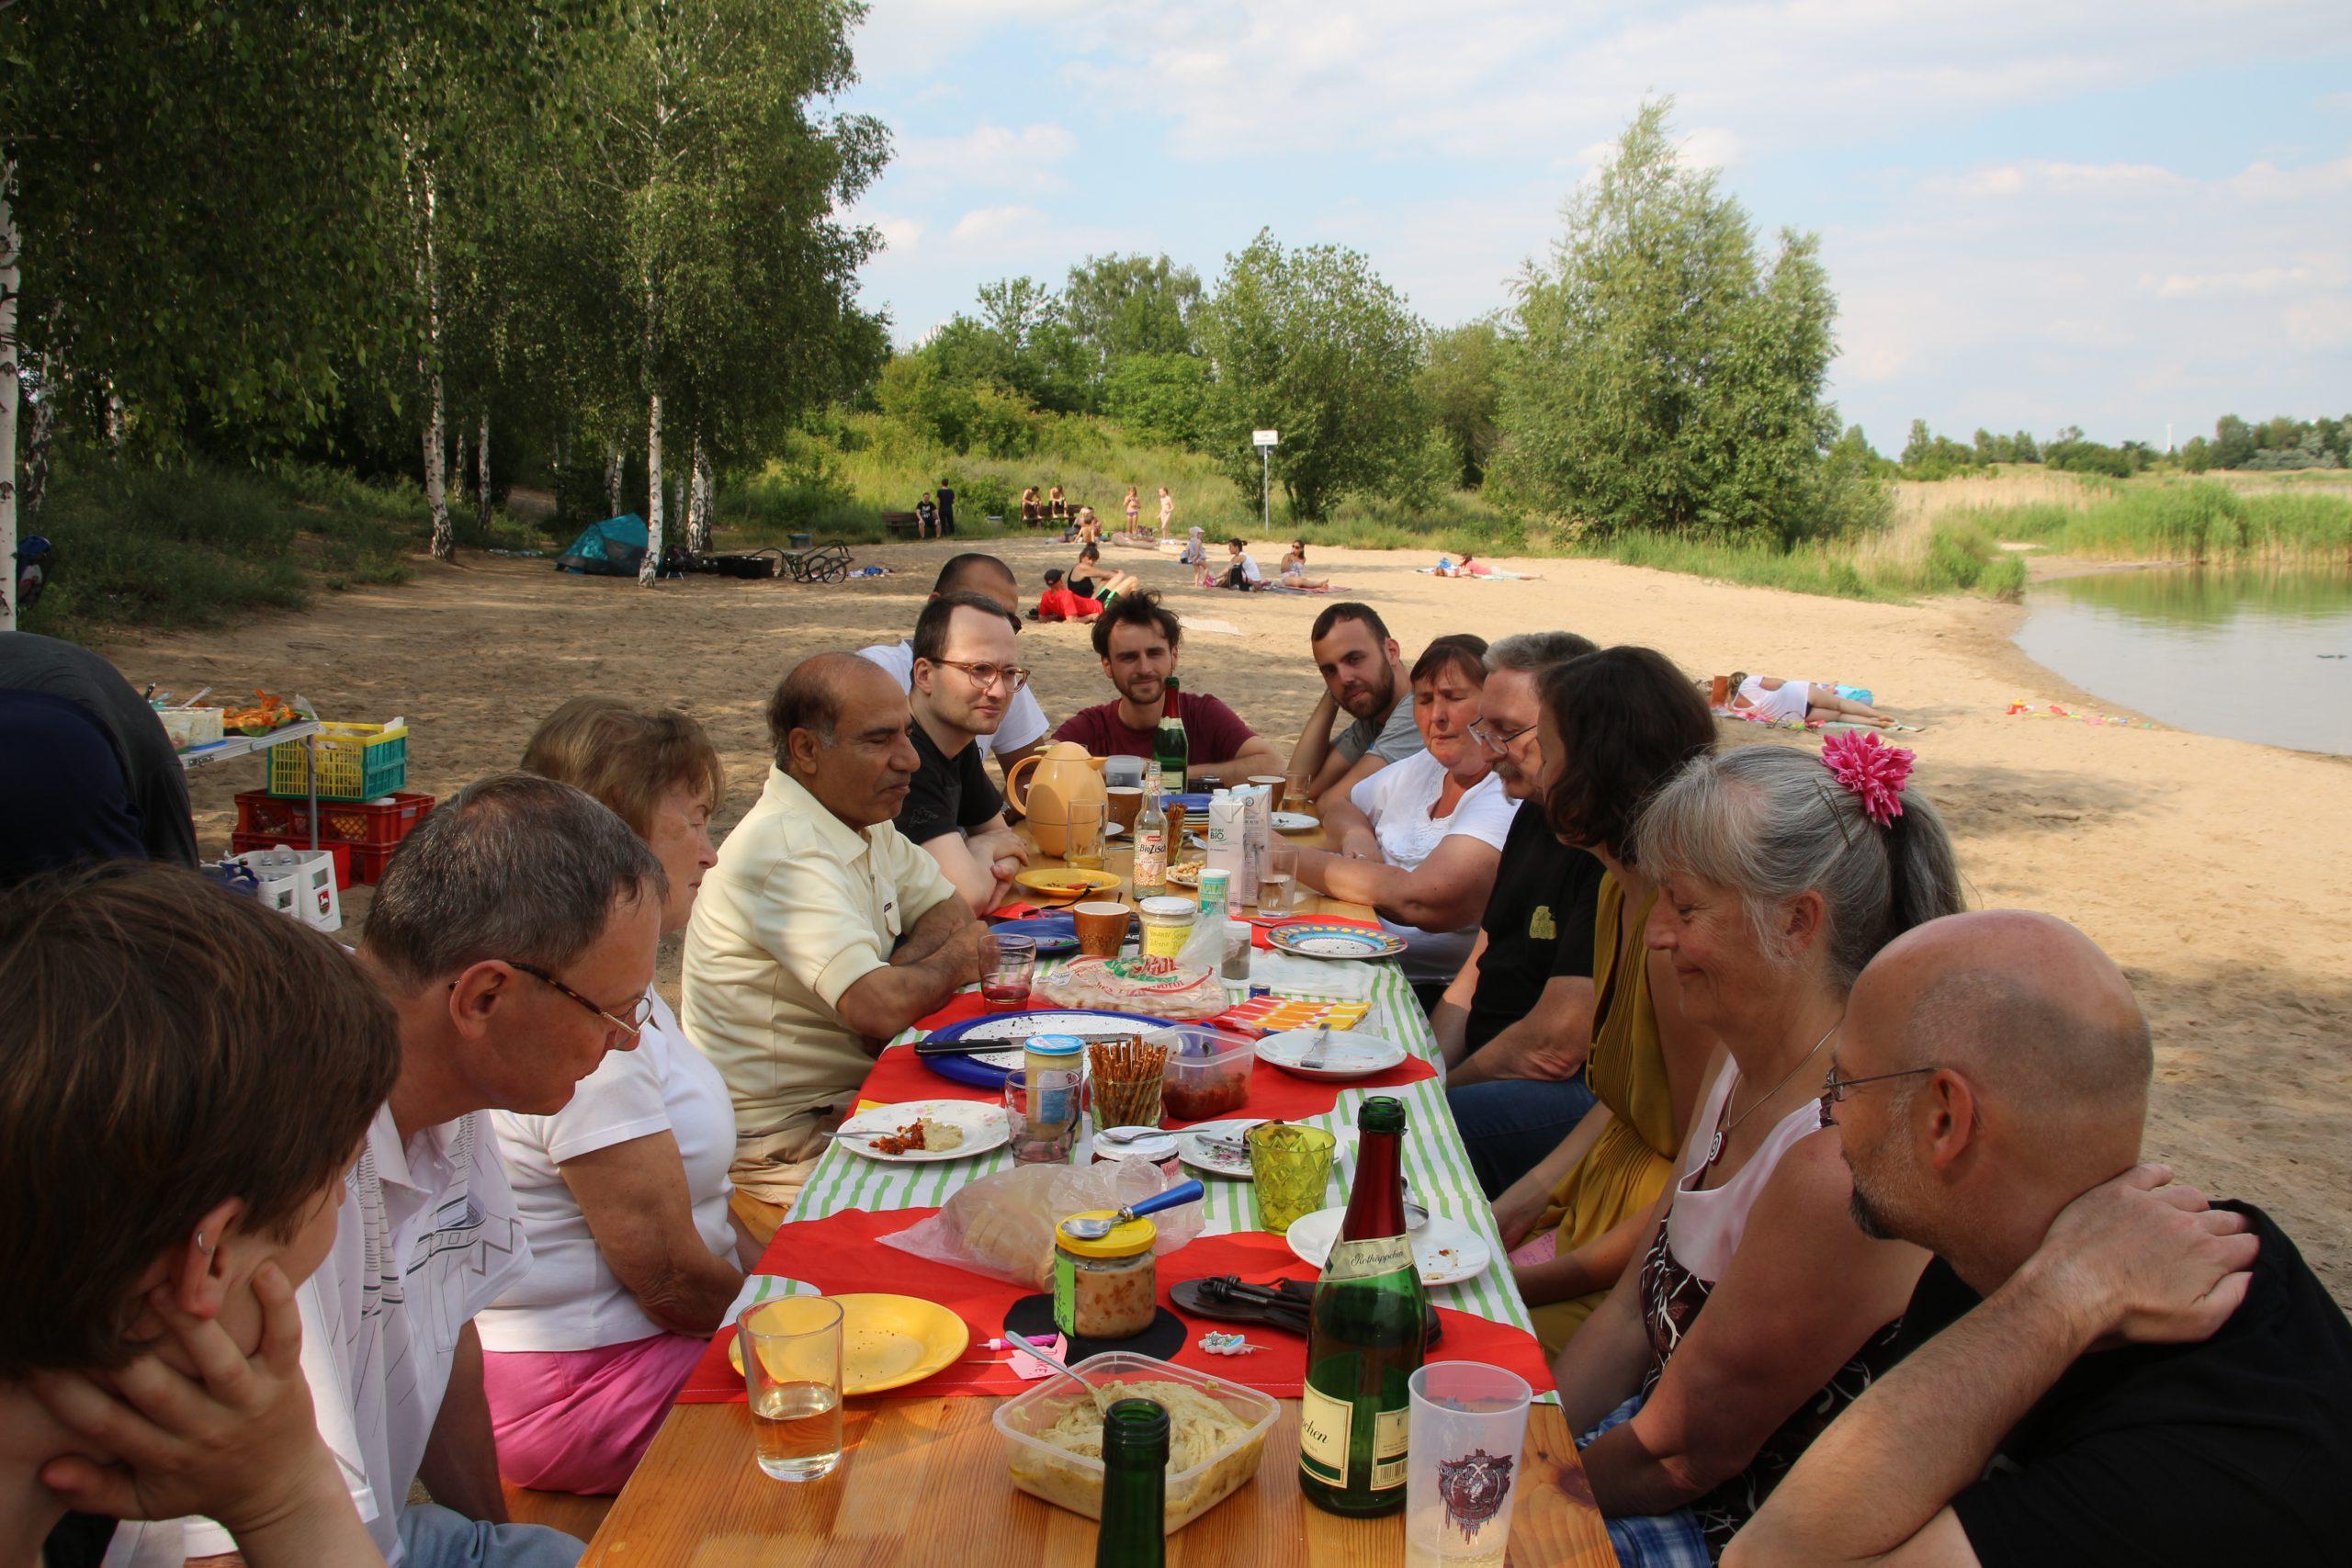 Picknick mit unseren ehrenamtlichen Mitarbeitern am See